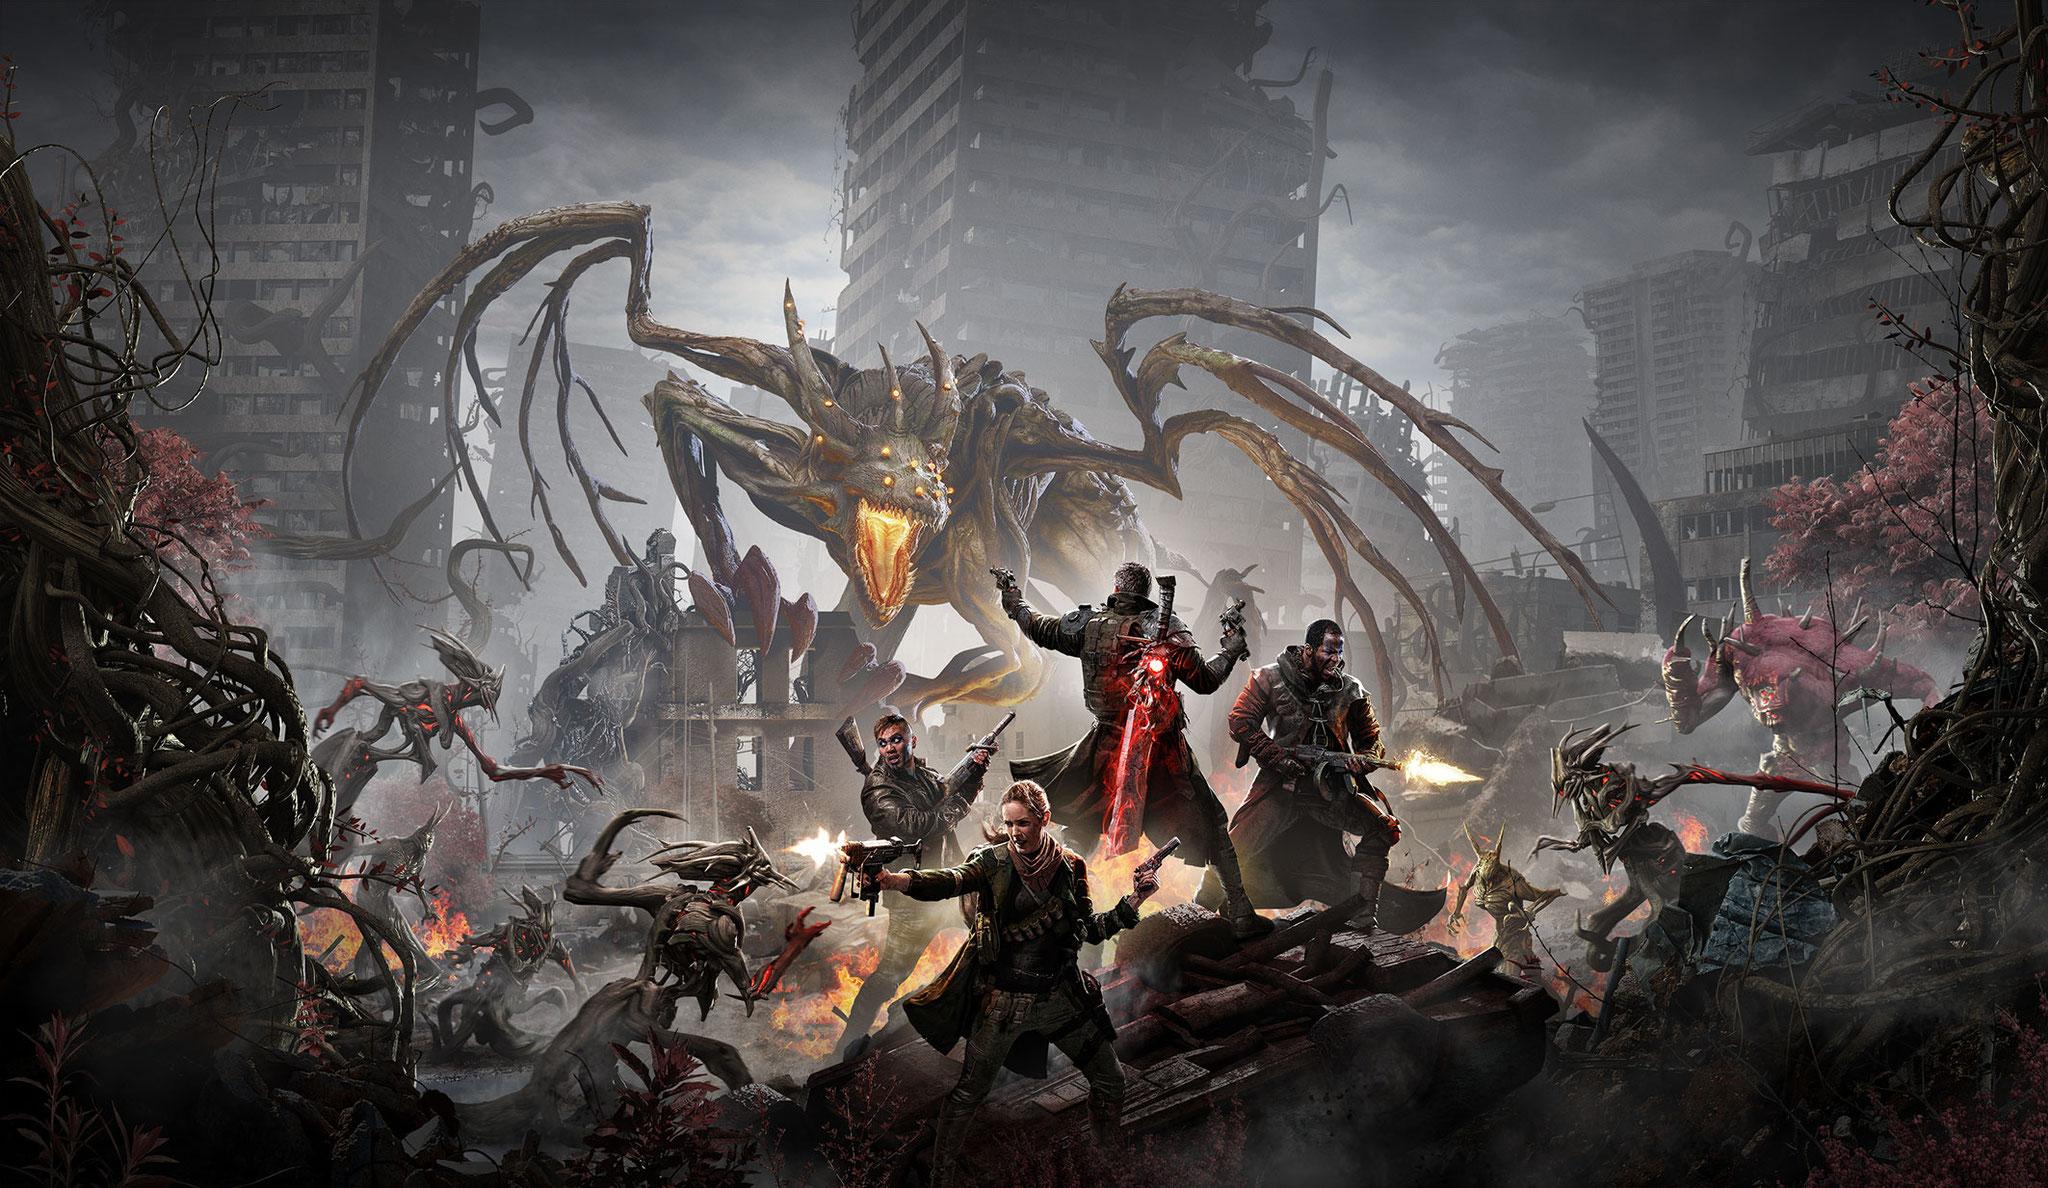 """""""Remnant: From the Ashes"""" spielt in einer finsteren Zukunft, in der die Welt von mythischen Bestien aus anderen Dimensionen überrannt wird."""